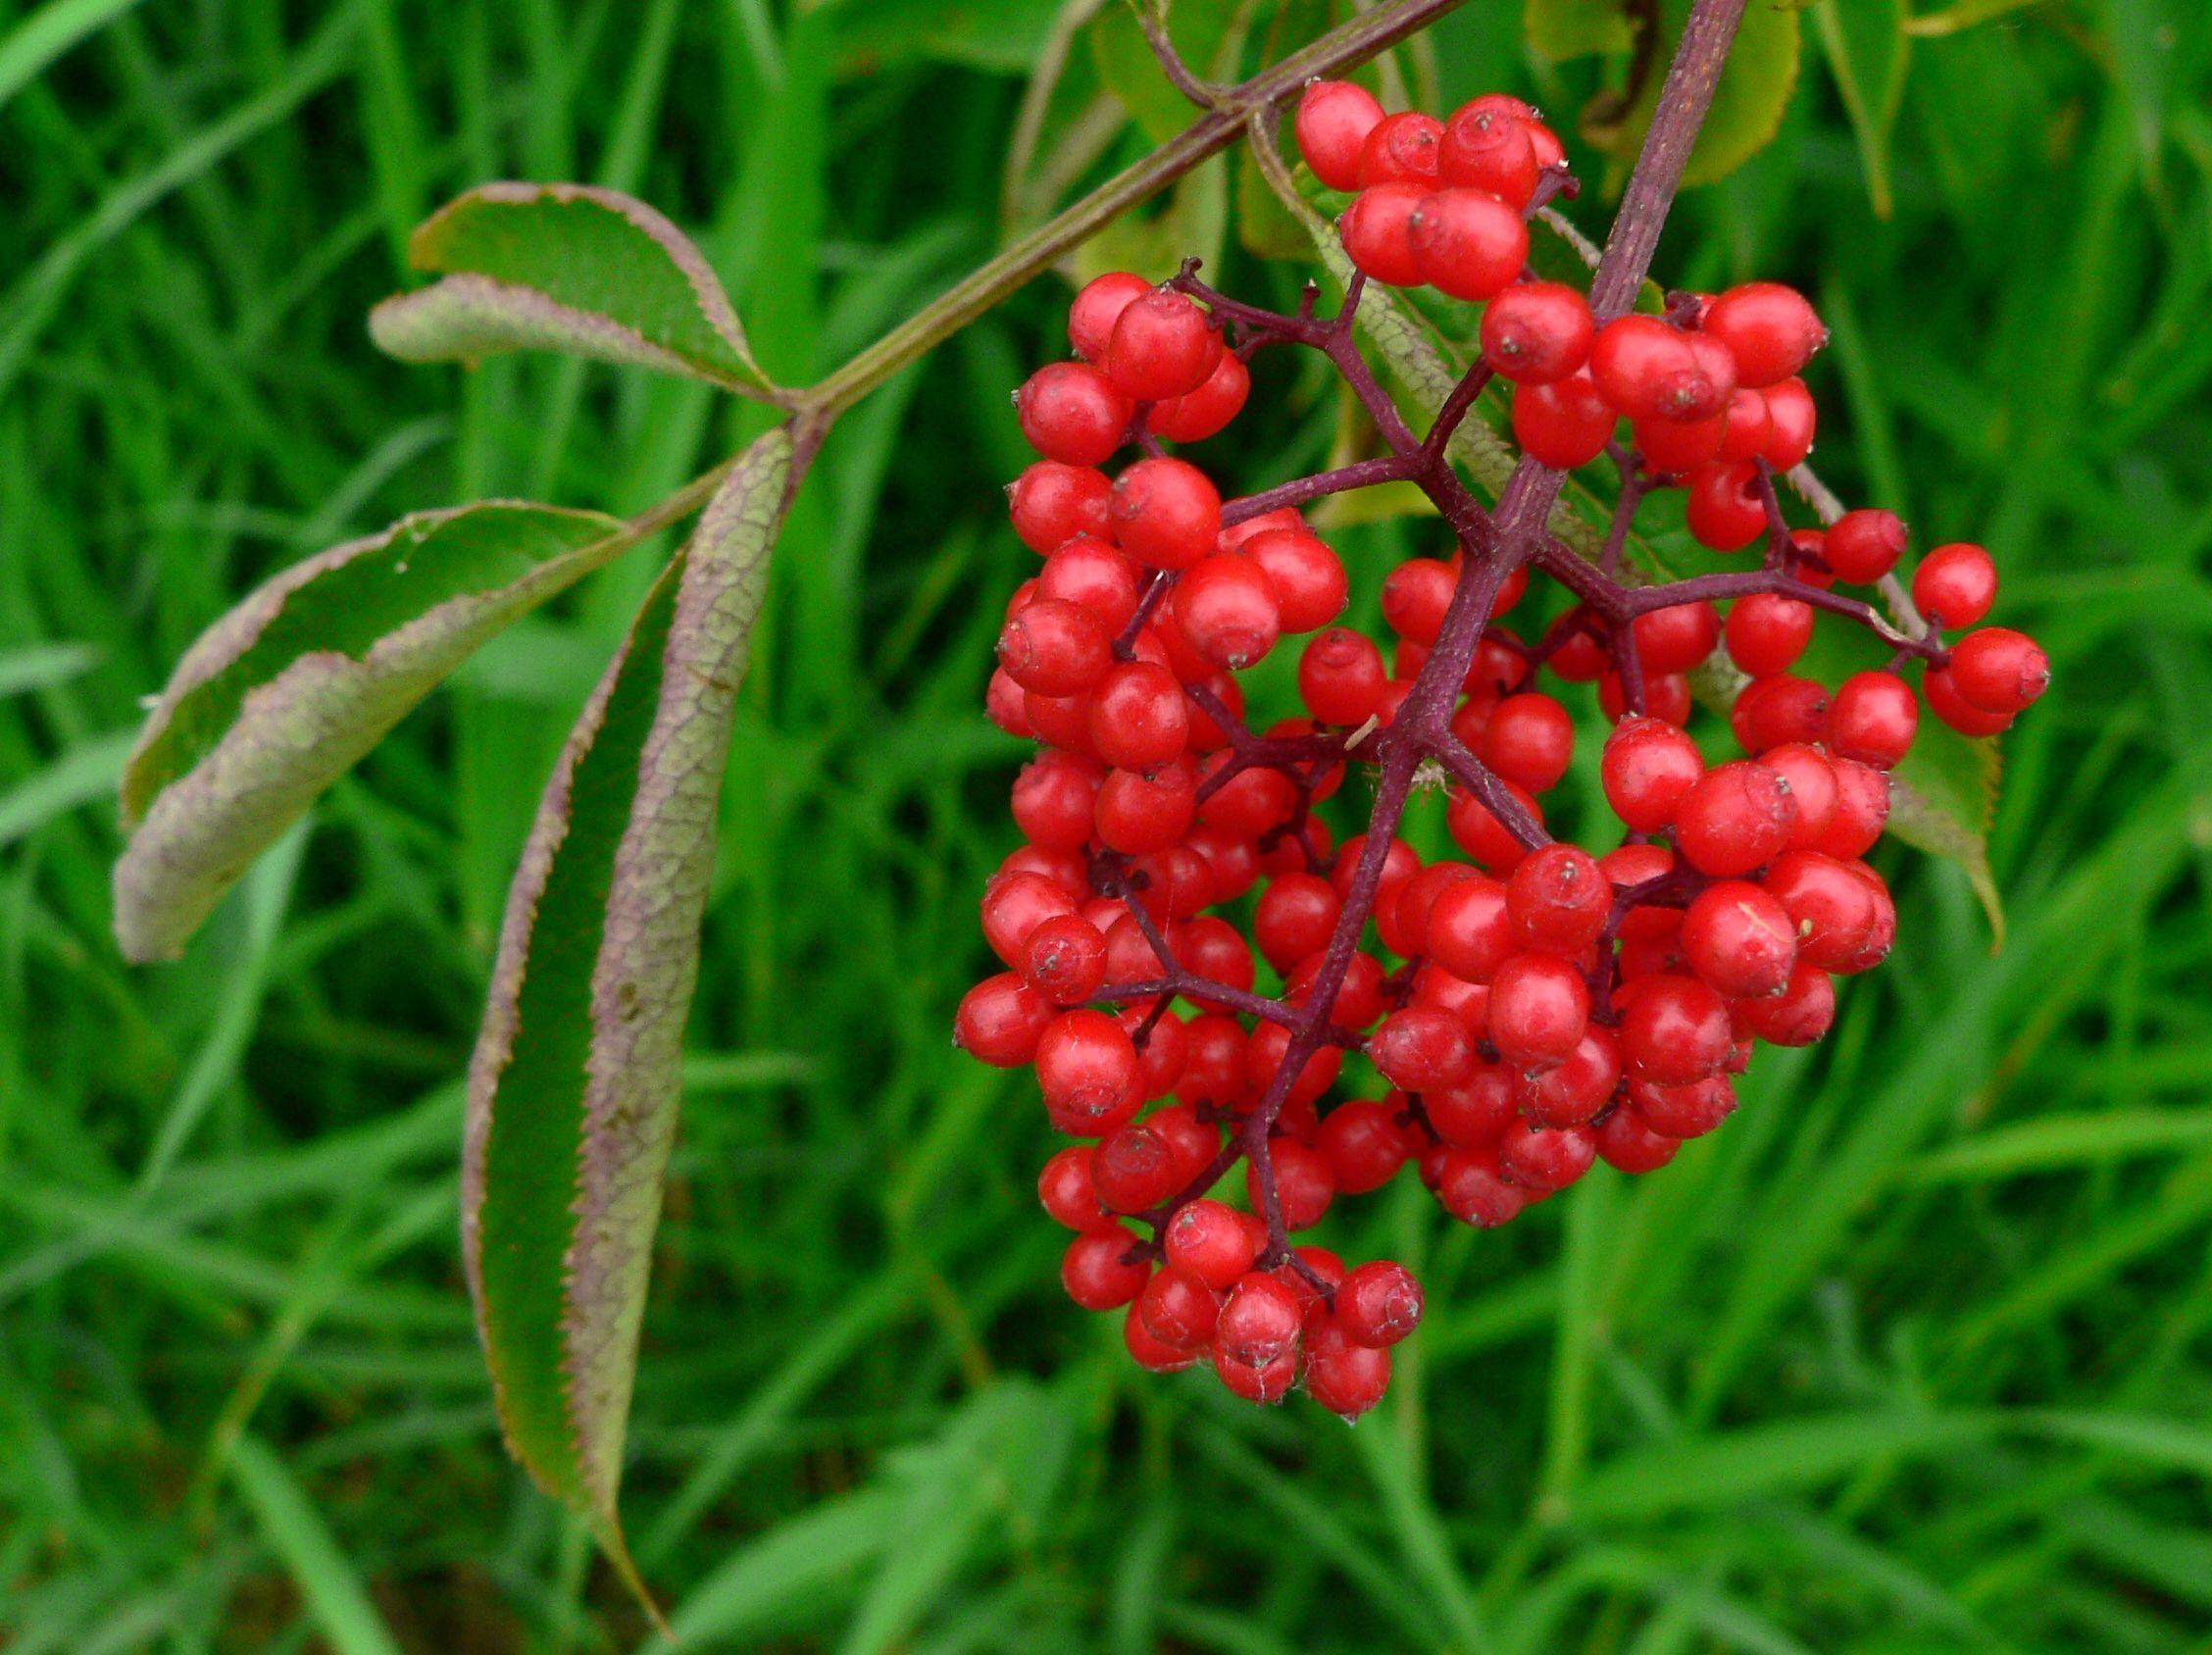 ягода крушина фото